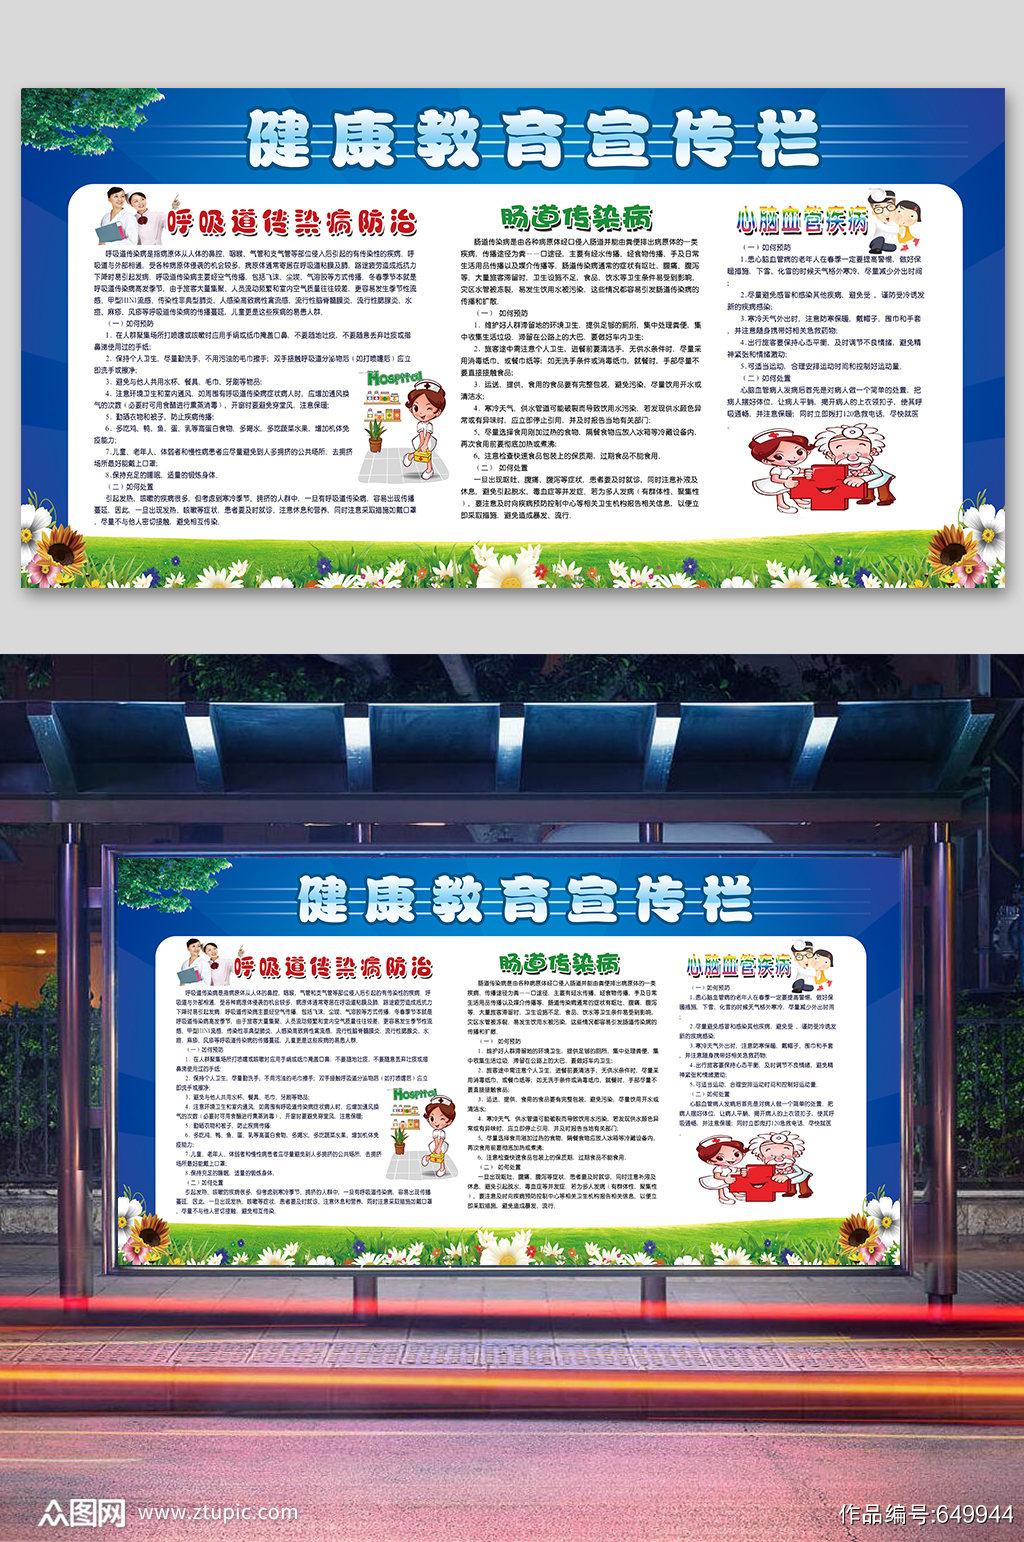 健康教育知识宣传栏展板素材